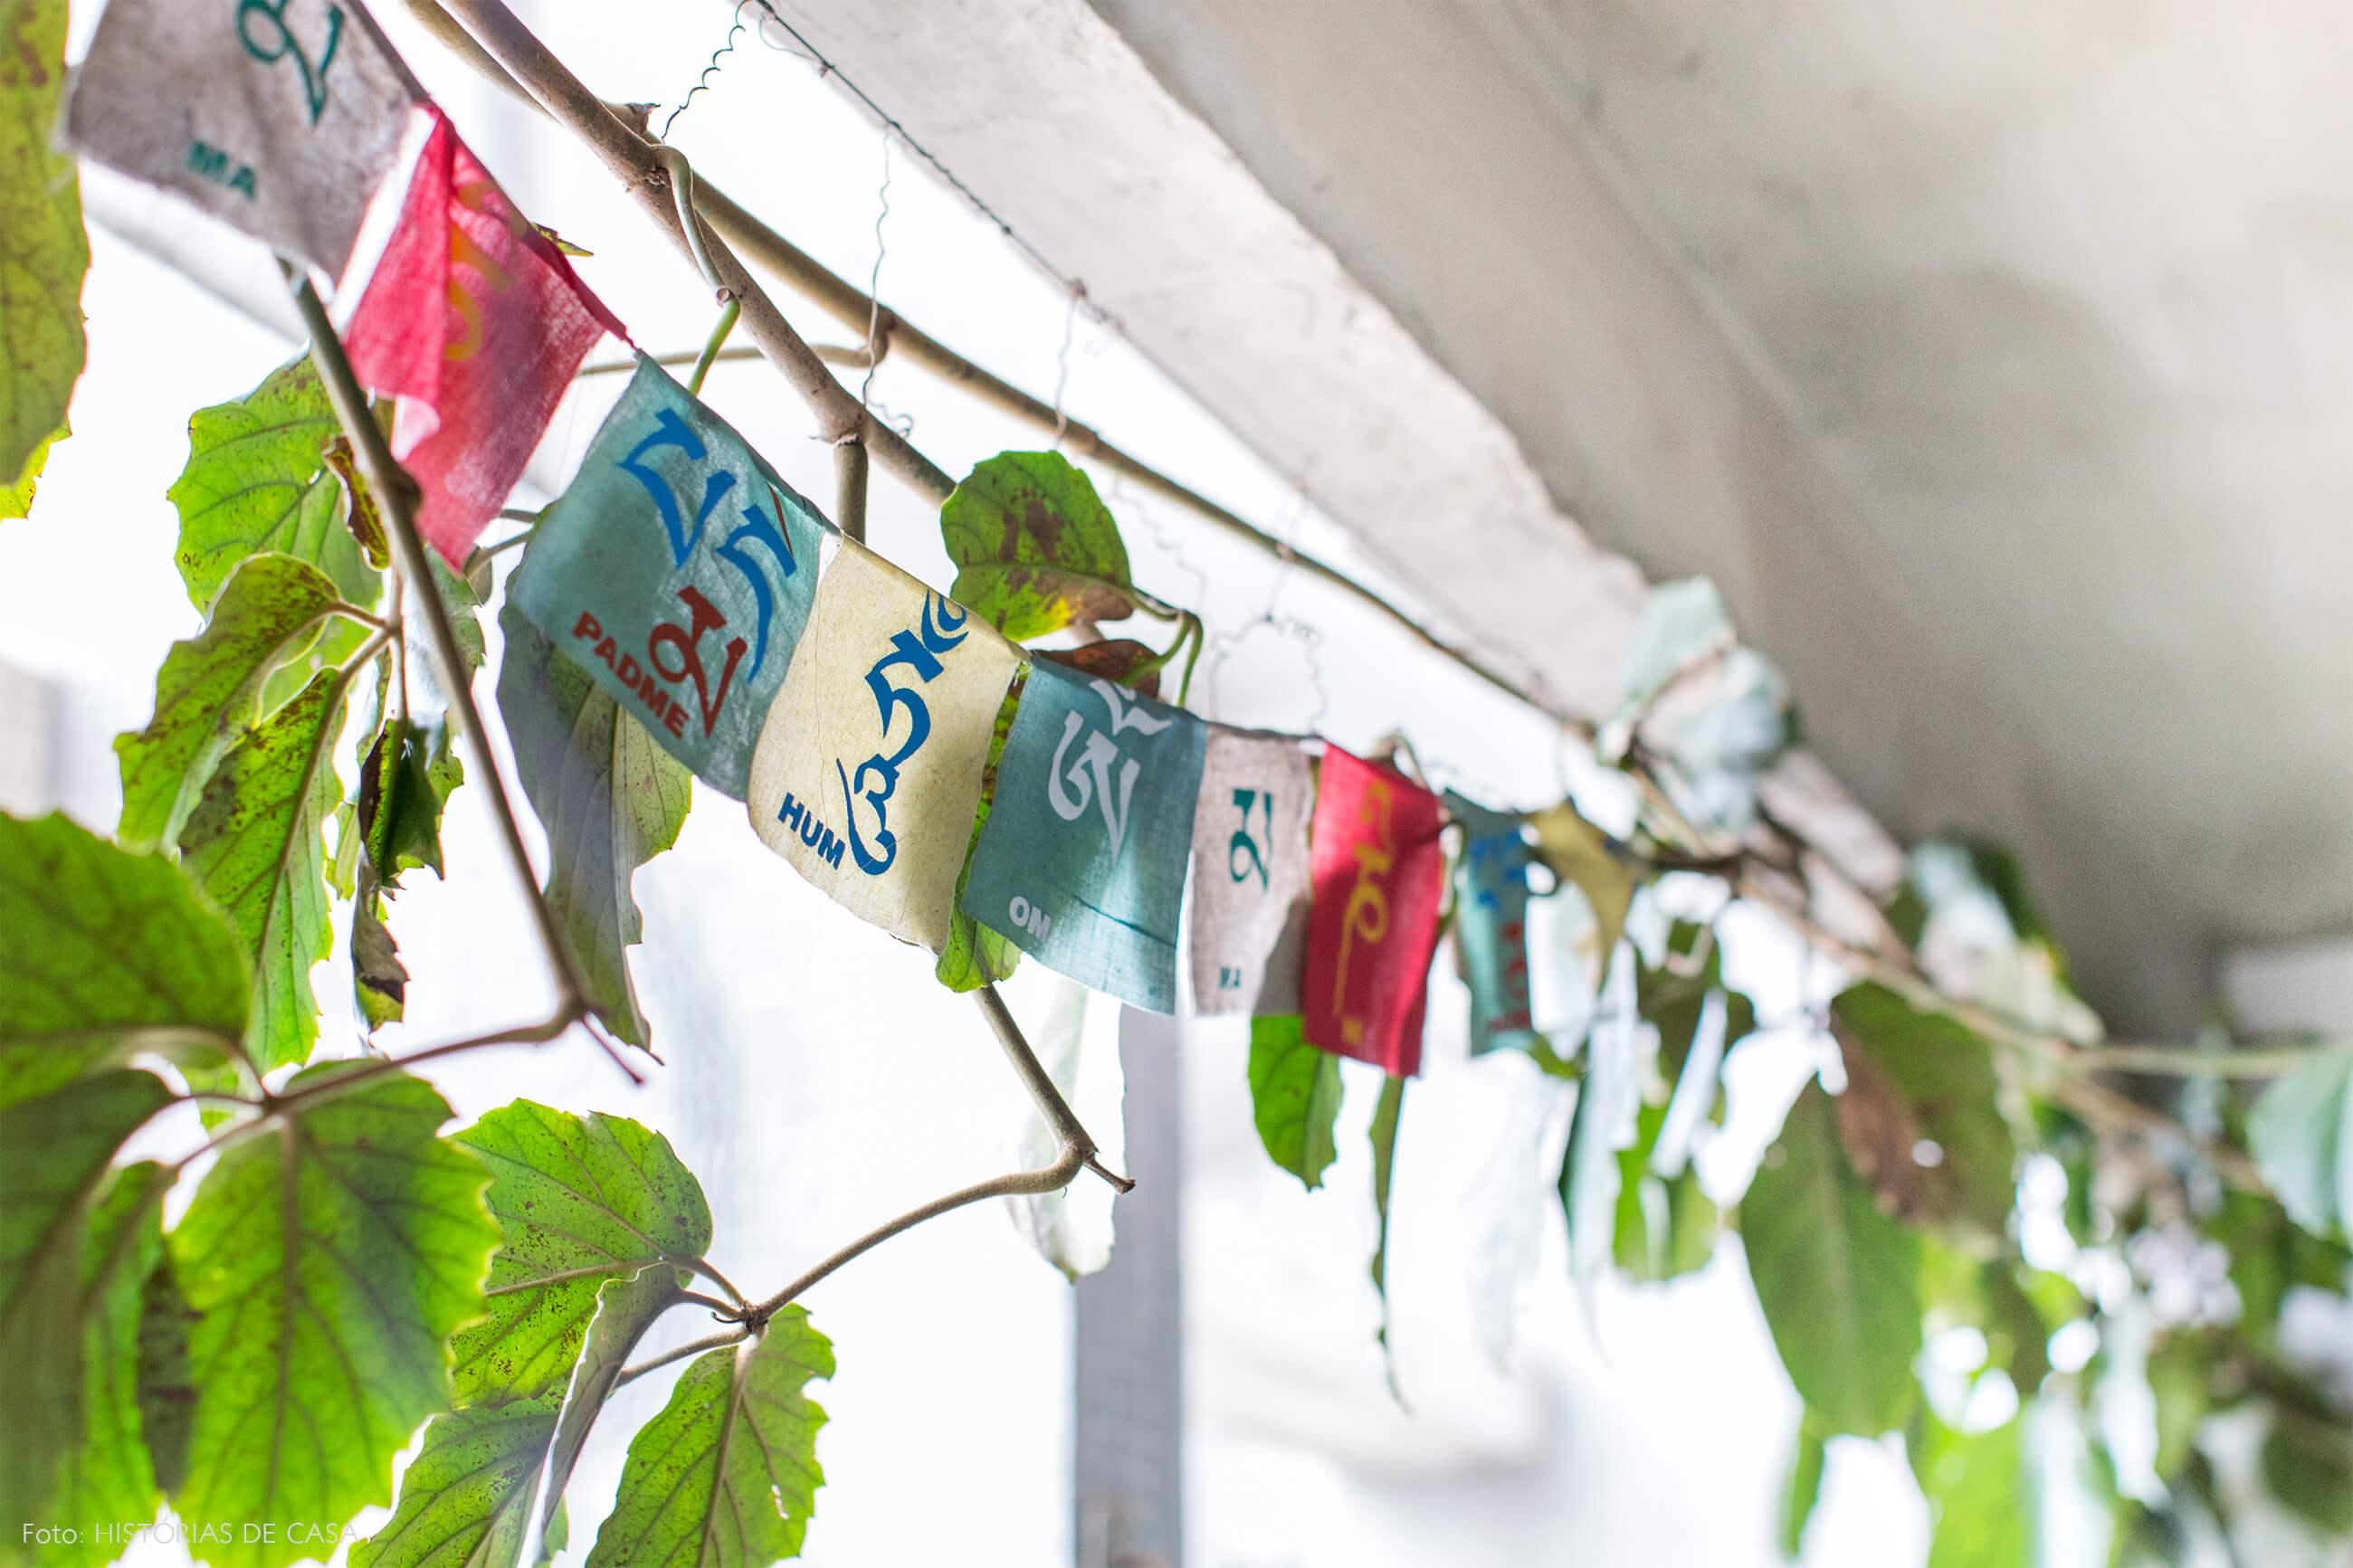 Ap decoração copan detalhe do jardim interno bandeiras indianas